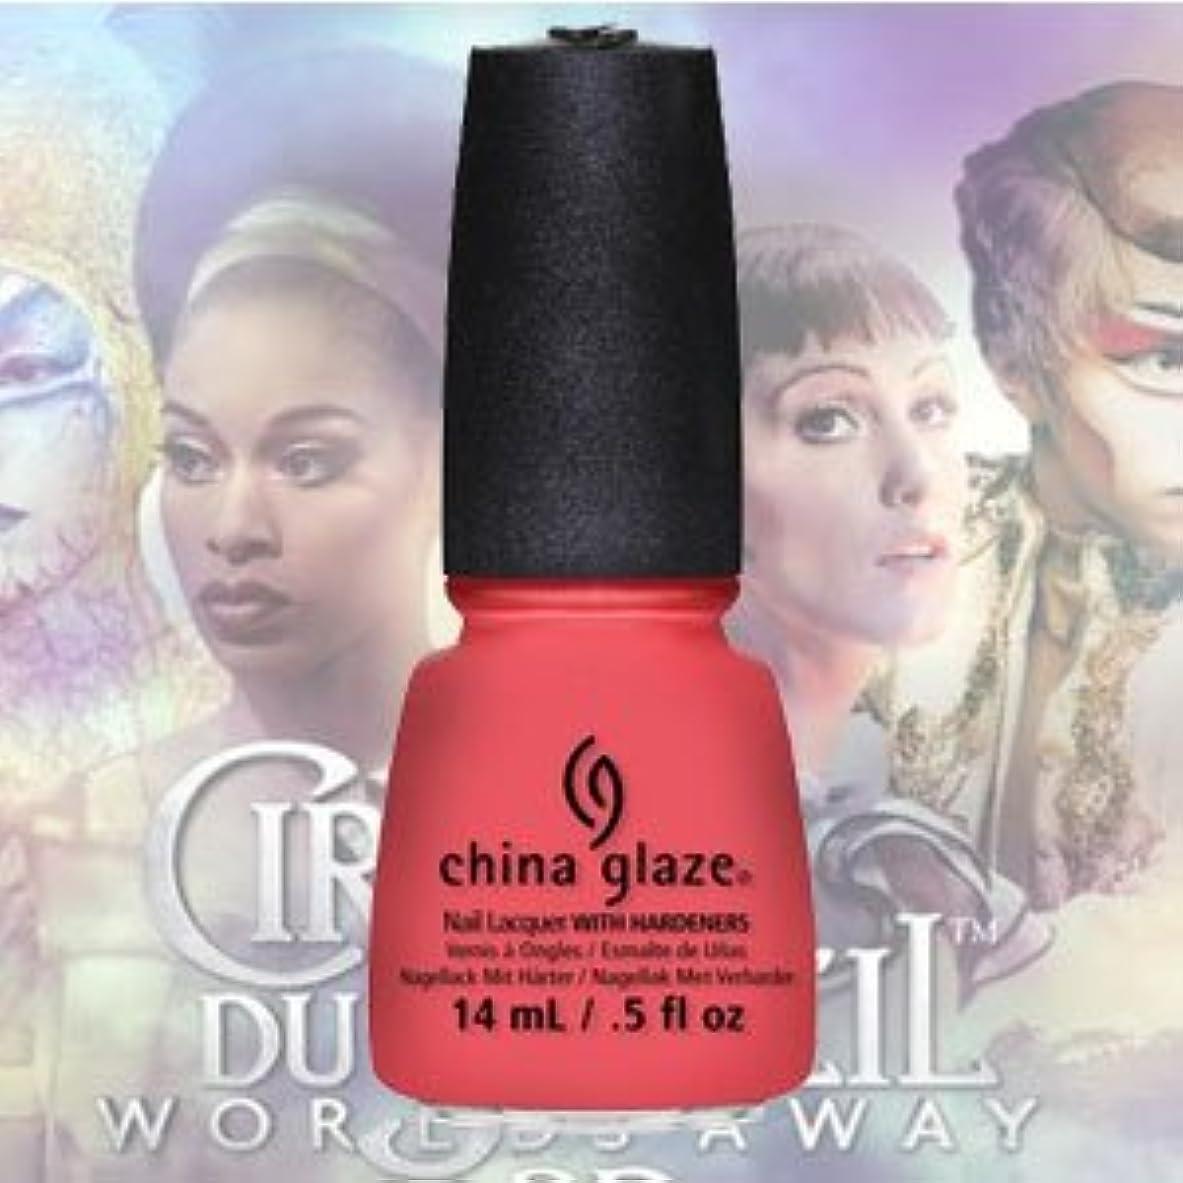 完璧なにぎやか減る(チャイナグレイズ)China Glaze Surreal AppealーCirque Du Soleil コレクション [海外直送品][並行輸入品]